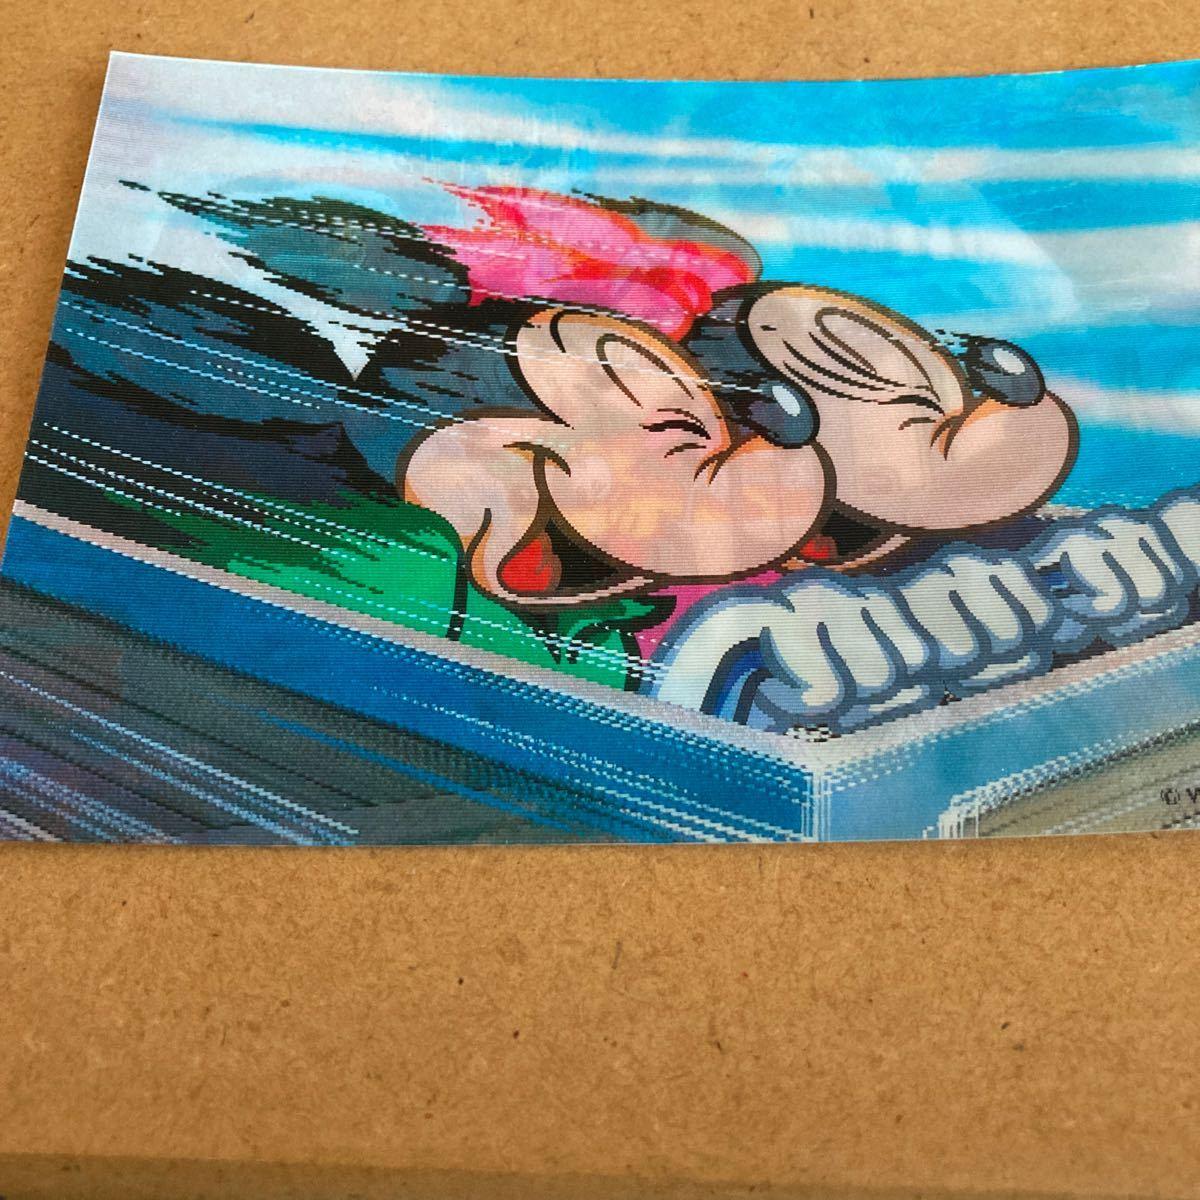 値下げ!レア!東京ディズニーランド Tokyo Disneyland 3Dポストカード 葉書、ハガキ 未使用品 ミッキー&ミニー 送料120円_画像3